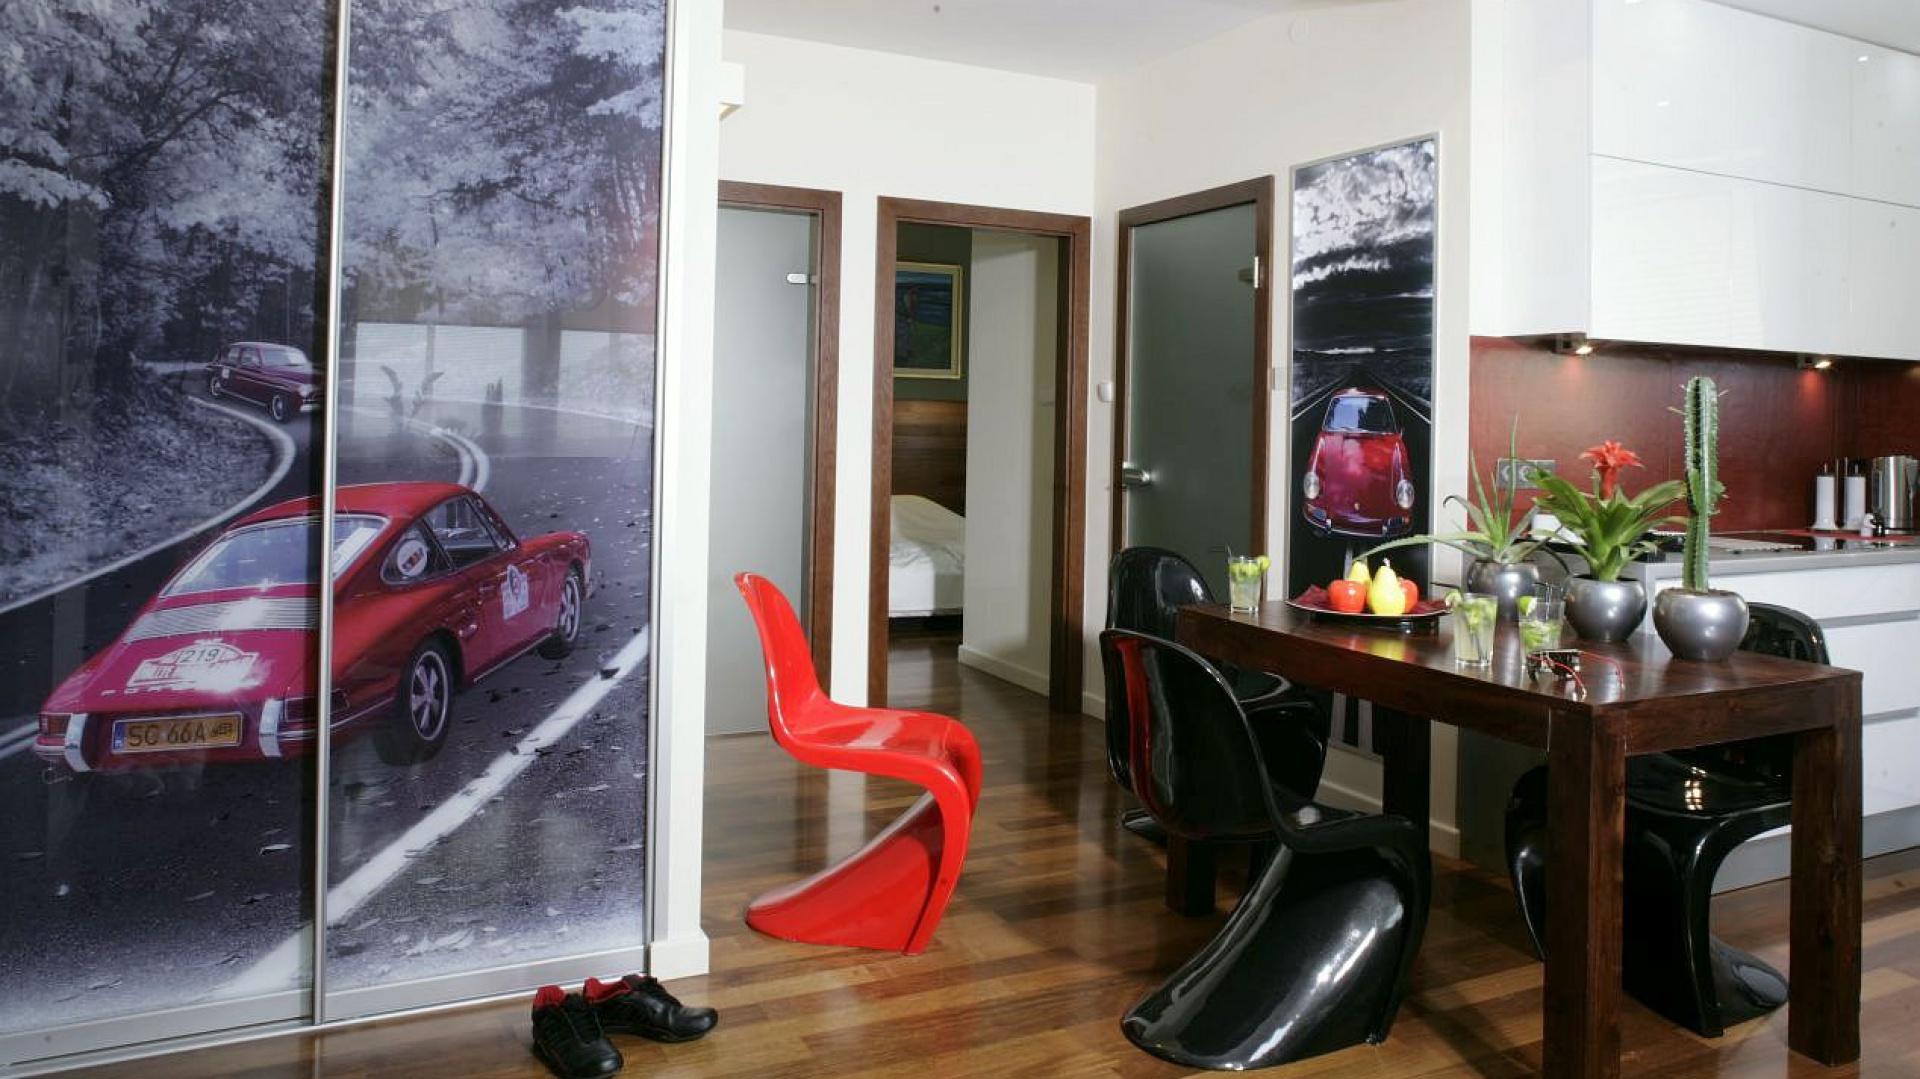 """Na styku aneksu kuchennego i salonu stanął masywny stół wykonany z drewna palisandrowego. Ciężką i prostą linię stołu odciążają nieco """"falujące"""" krzesła projektu Vernera Pantona (Verpan) oraz ogromny plakat z rozpędzonym Porsche, który dodaje wnętrzu dynamizmu i zdecydowanego, męskiego charakteru. Fot. Monika Filipiuk-Obałek."""